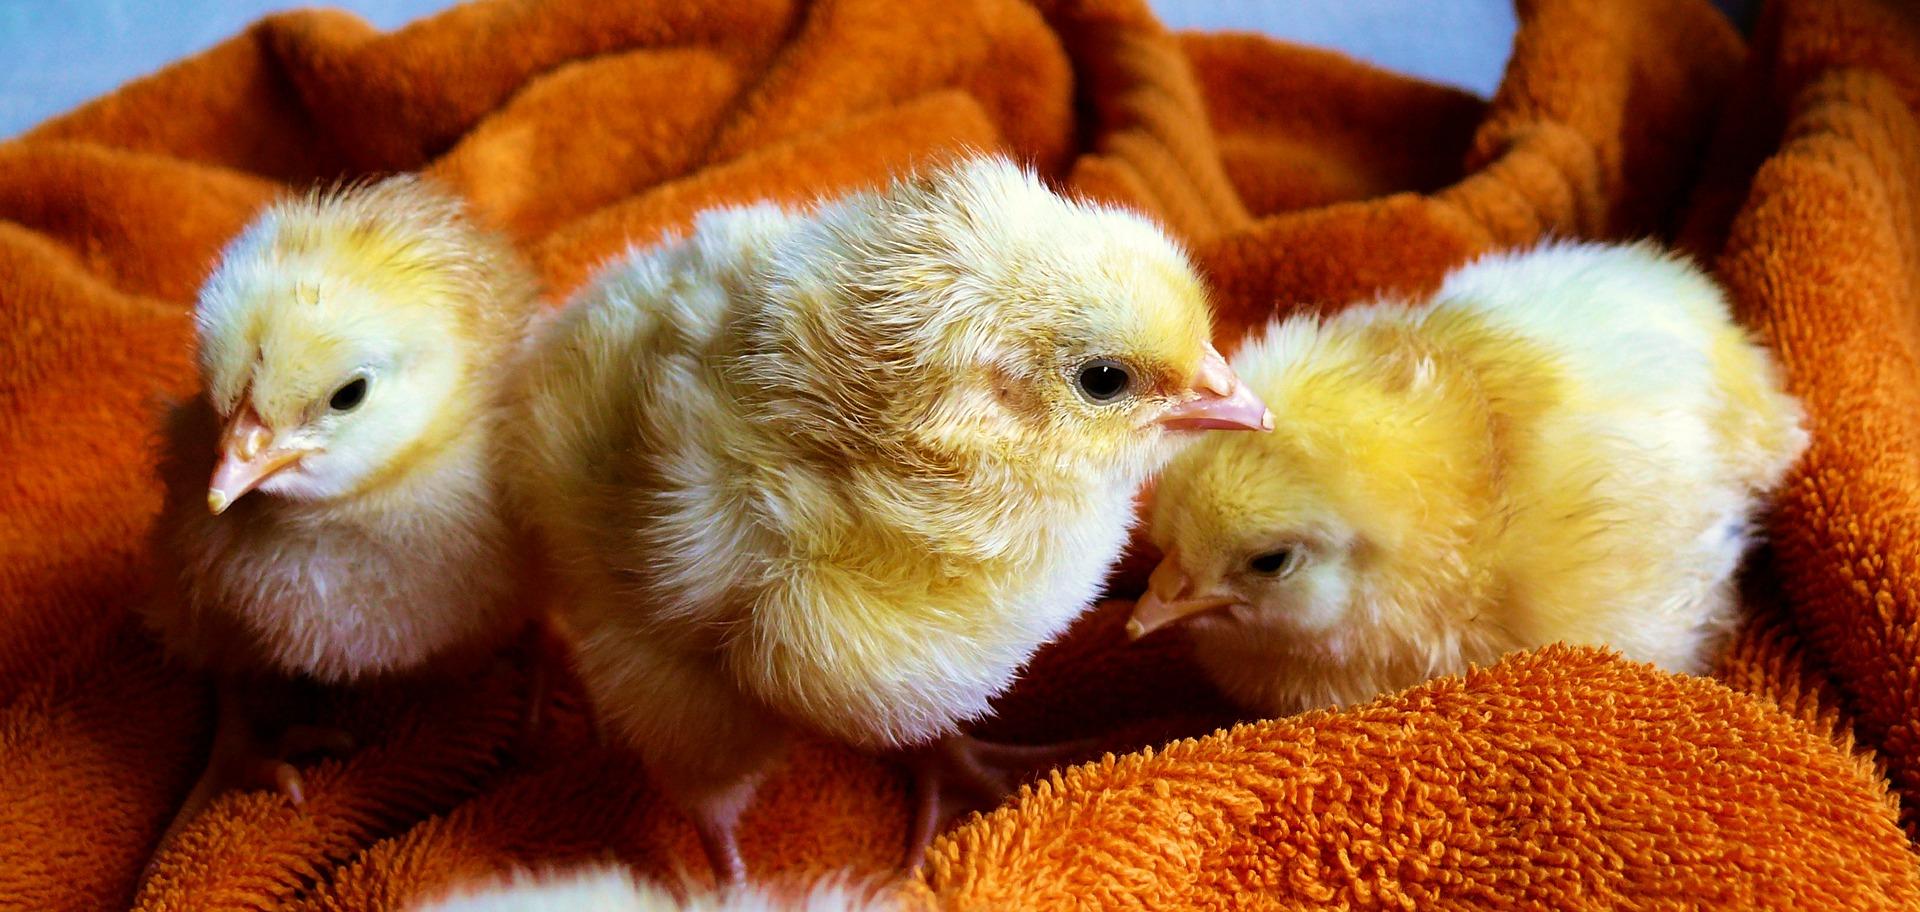 사람도 동물도 독감으로 아픈 새해 - 인간의 욕심,...